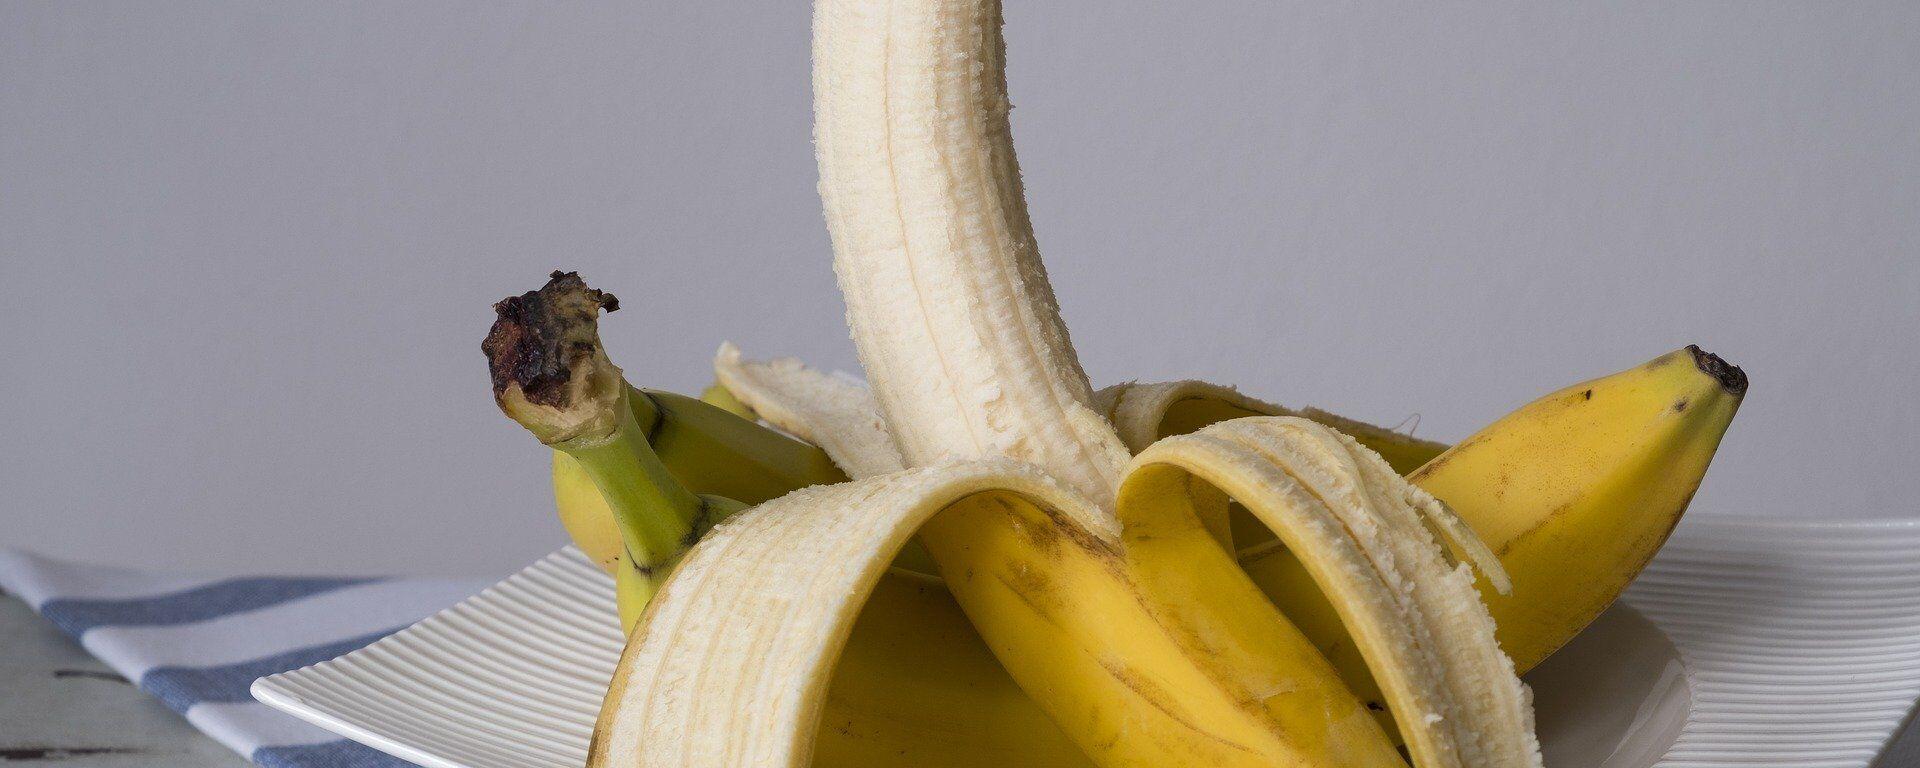 Banana  - Sputnik Italia, 1920, 11.08.2021